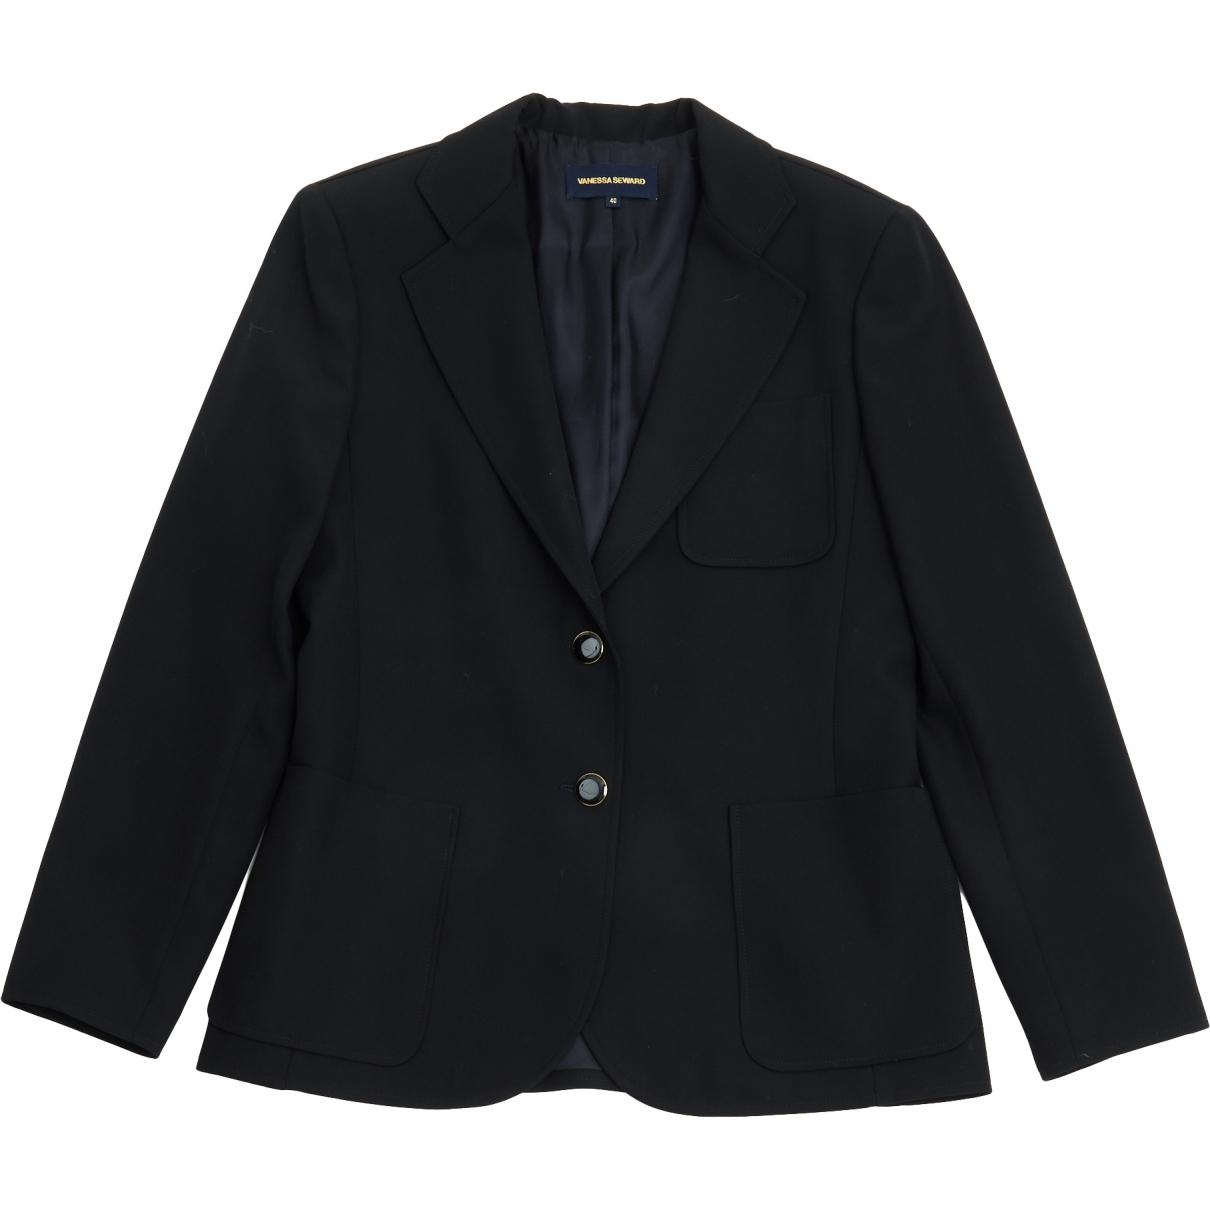 Vanessa Seward - Veste   pour femme en laine - noir